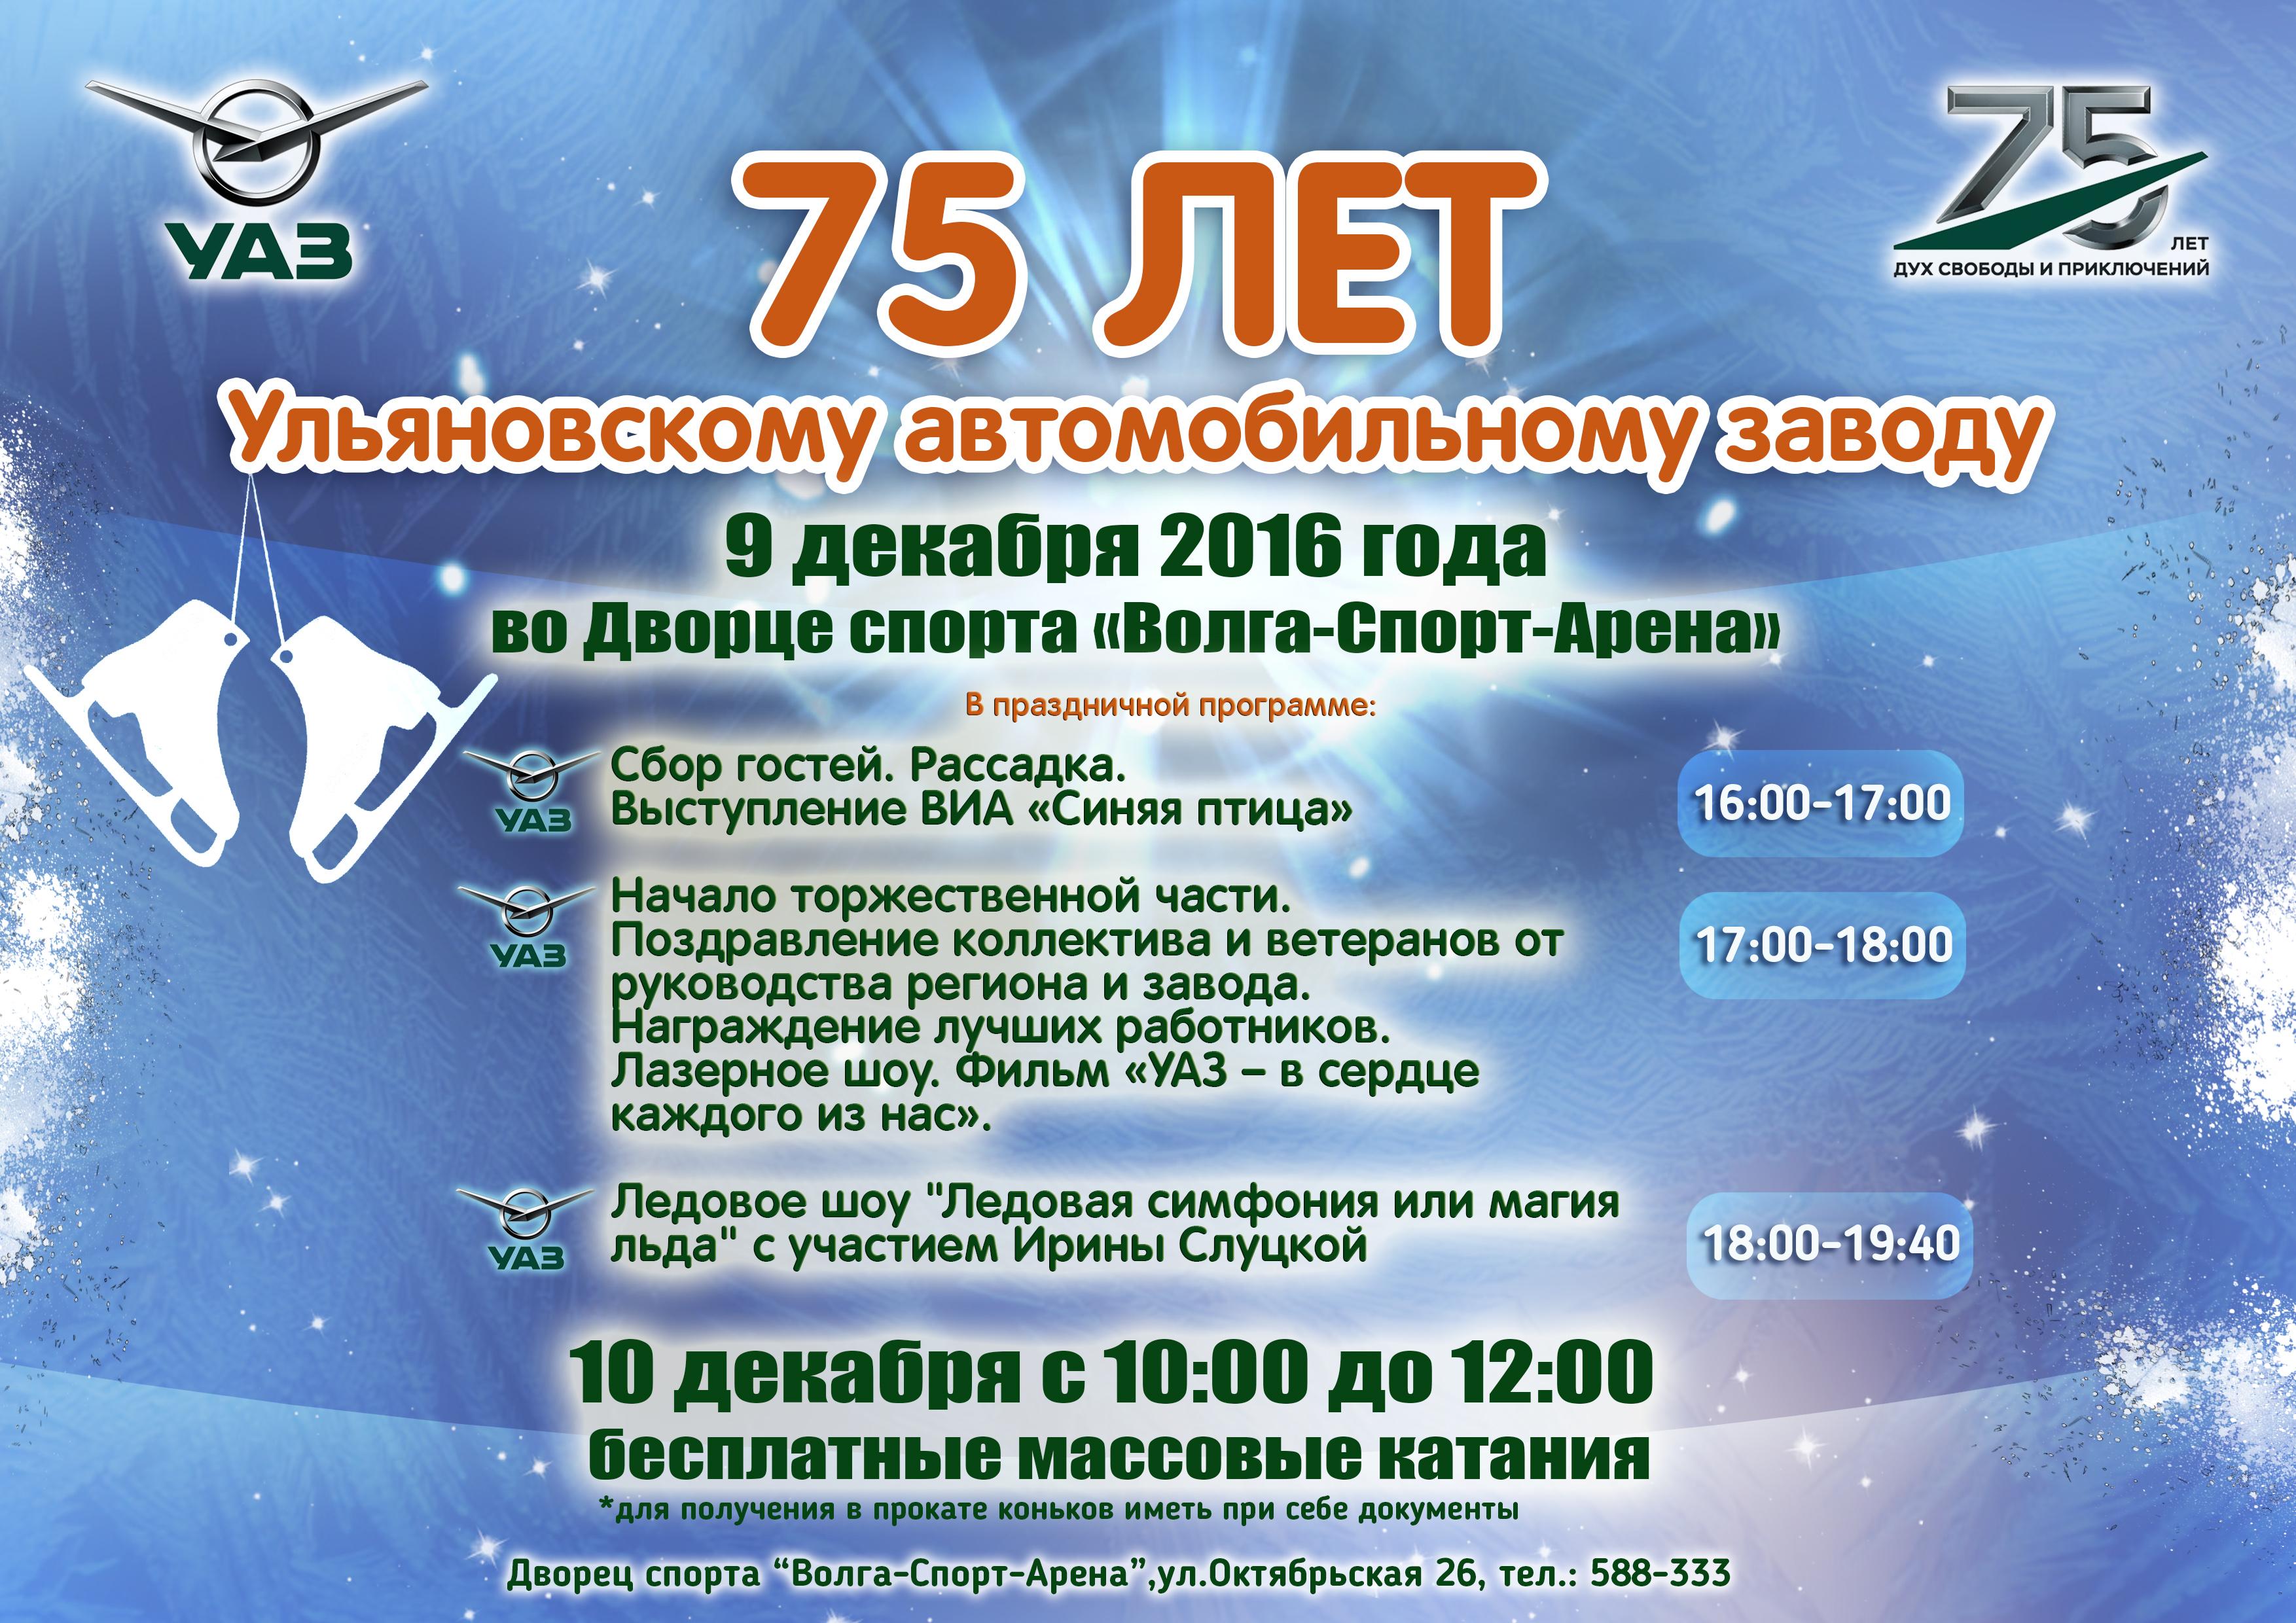 Афиша УАЗ 75 лет